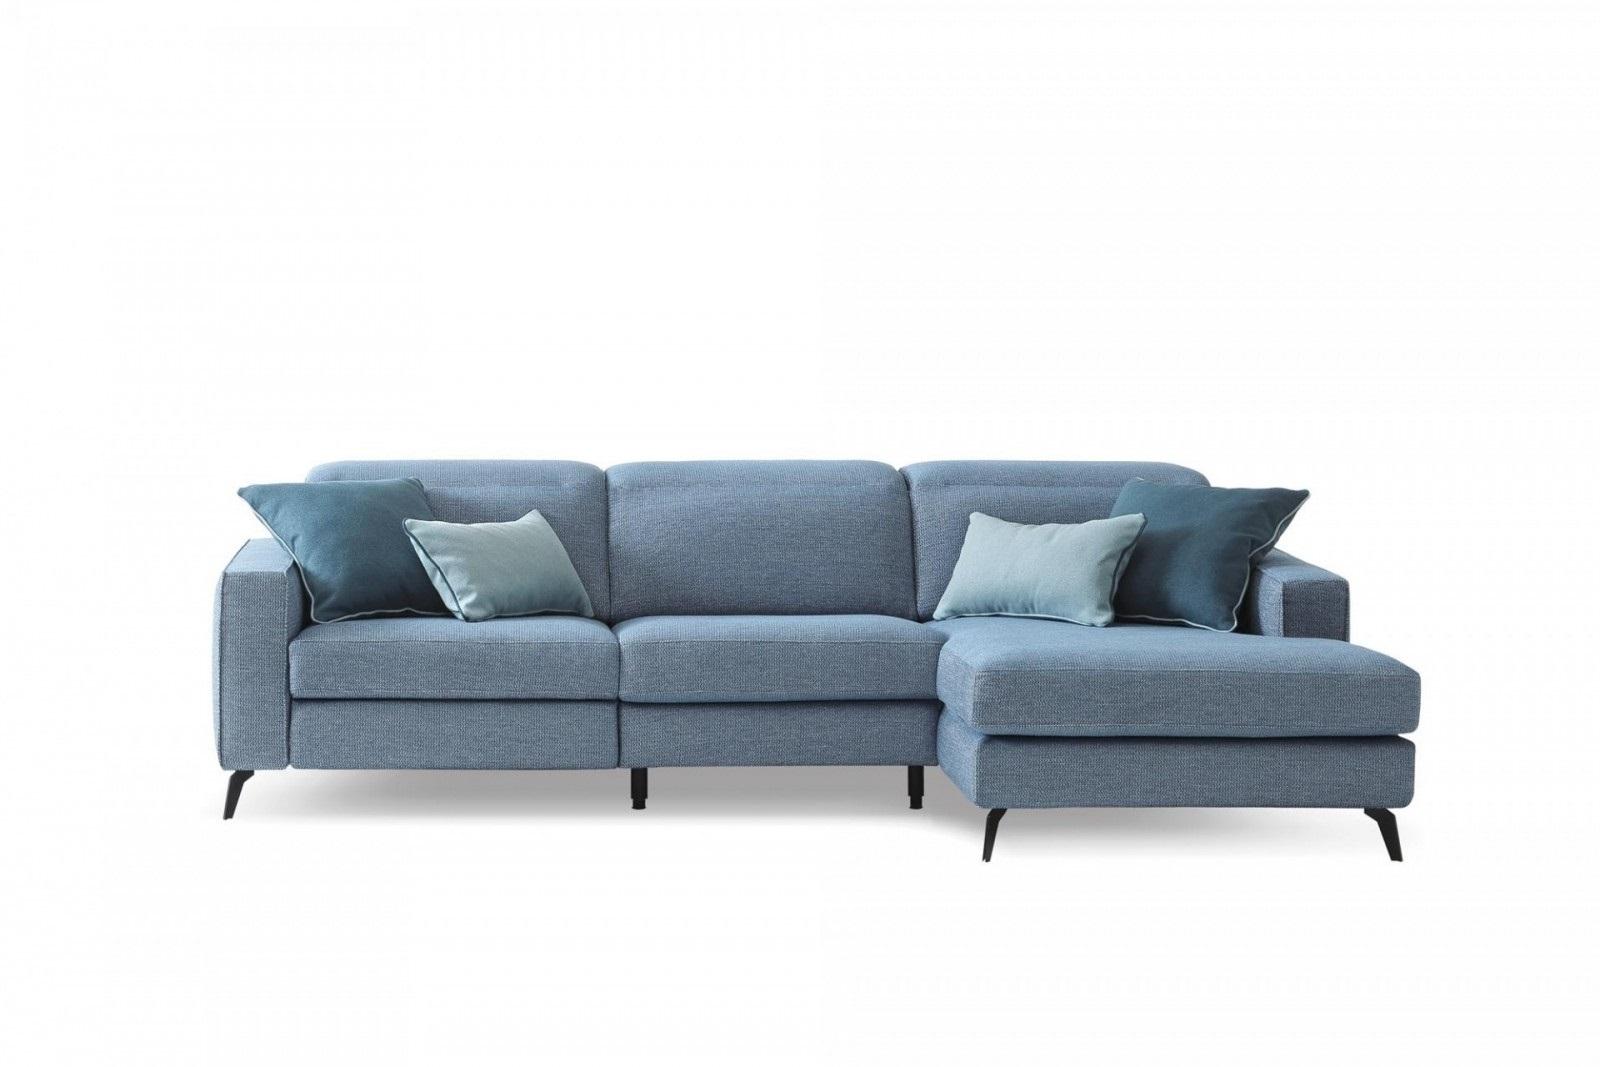 Coltar fix cu mecanism Relax, cu sezlong pe dreapta, tapitat cu stofa, Christopher Albastru, l265xA158xH78 cm somproduct.ro